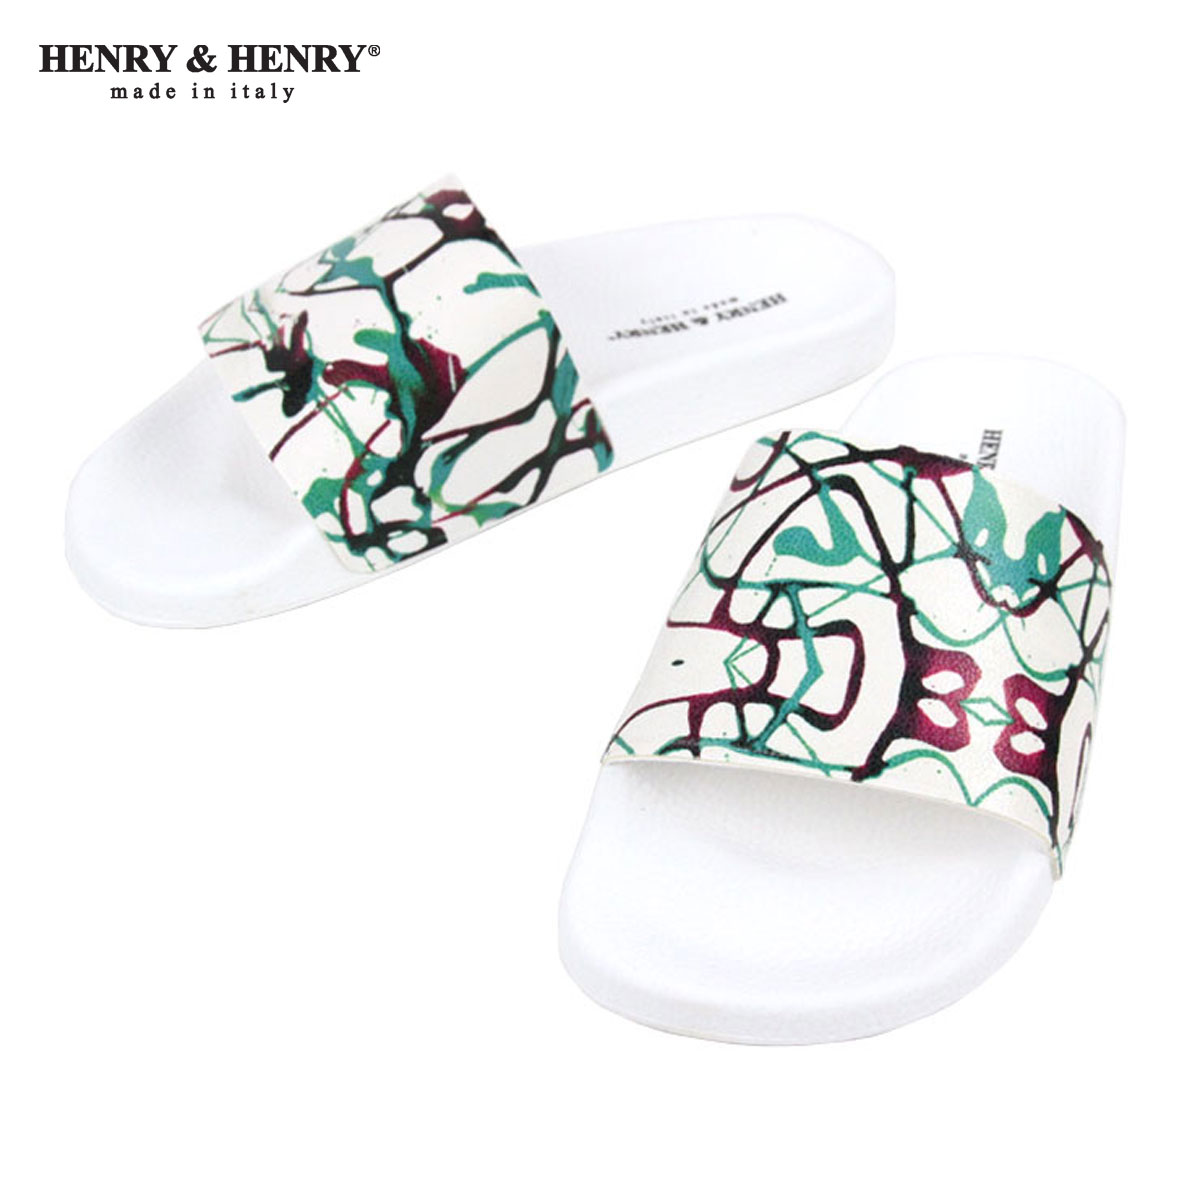 ヘンリーアンドヘンリー HENRY&HENRY 正規販売店 サンダル 180 SYNTHETIC SCHIZZI VERDE A66B B3C C4D D3E E01F